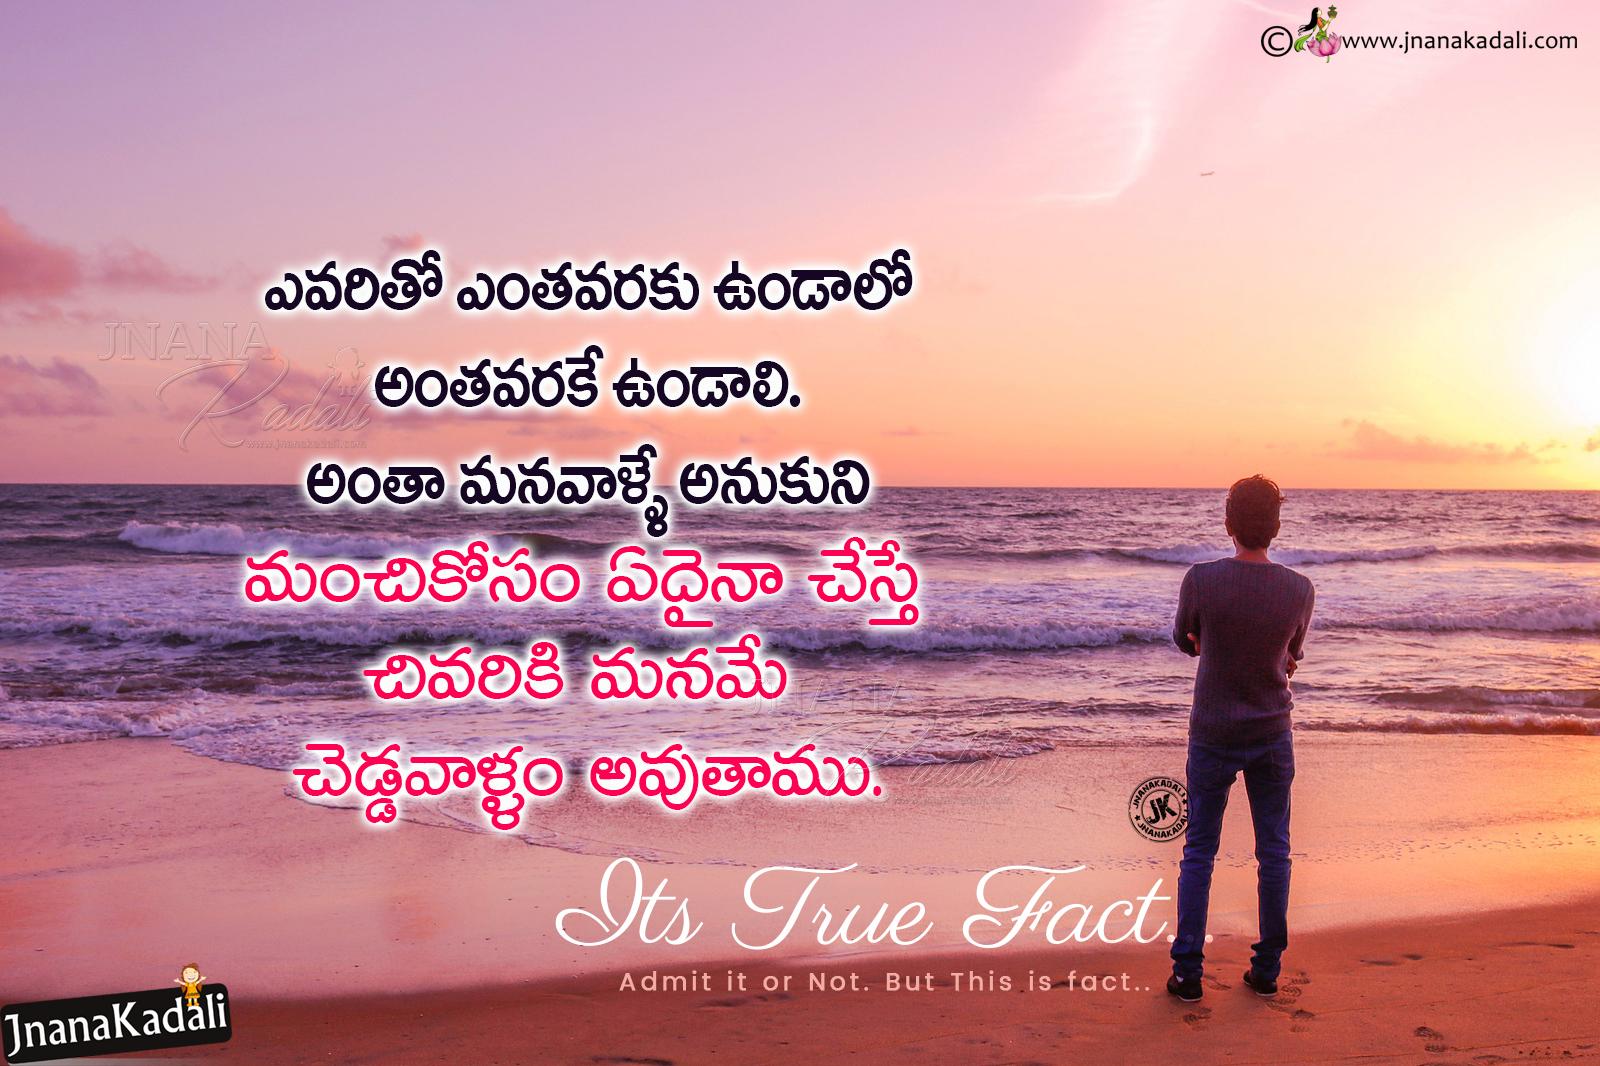 Telugu Quotes, Famous Life Quotes In Telugu, Relationship - Telugu